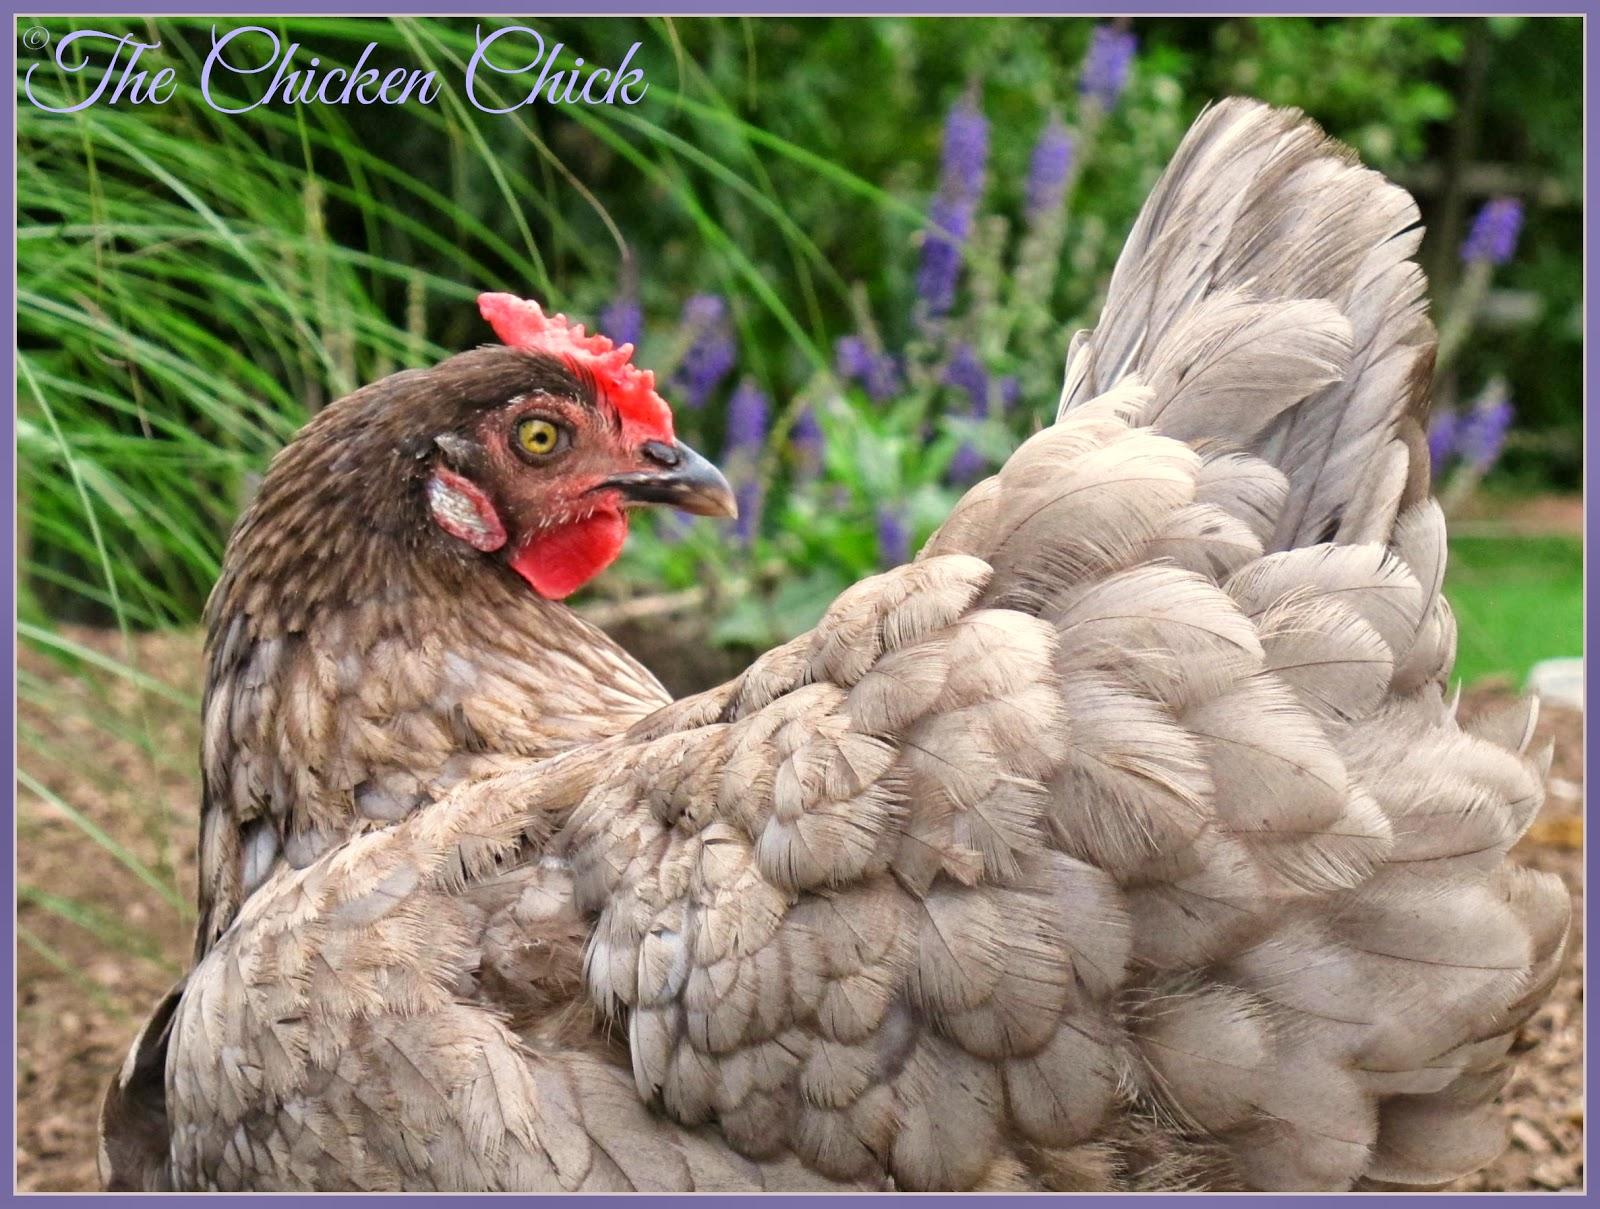 Iris (Olive Egger hen).